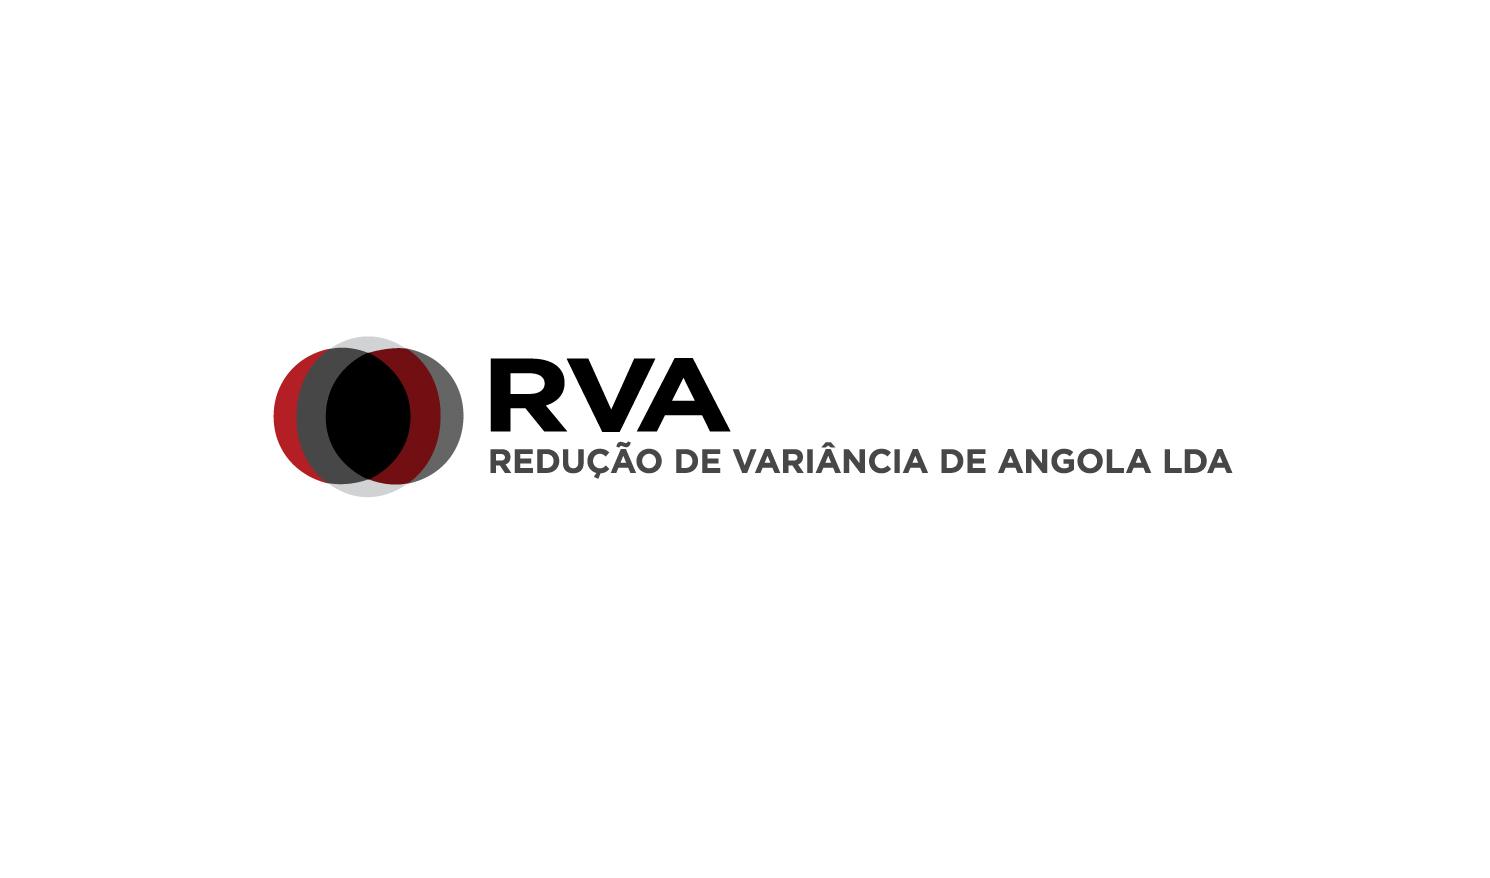 RVA horizontal logo